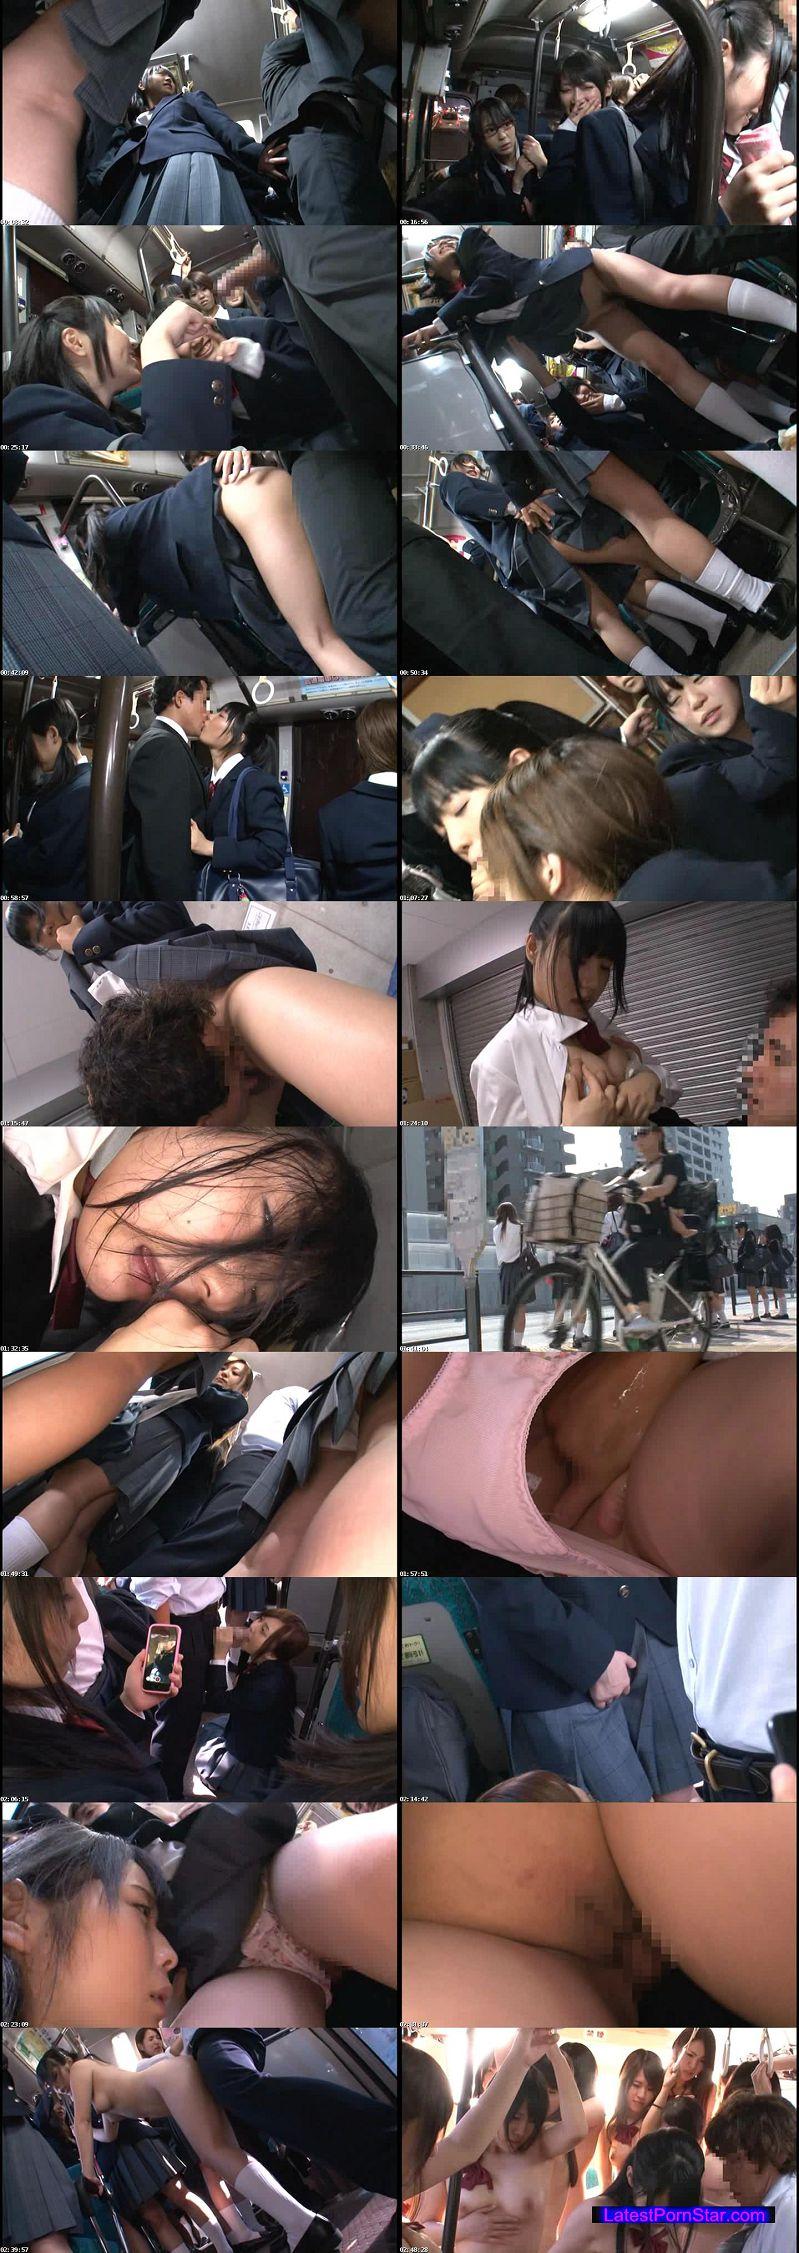 [NHDTA-620] 登下校中に思わずチ○ポを触ってしまい我慢できず周りの目も気にならないほど腰をフリ通学バスSEXにハマる女子校生